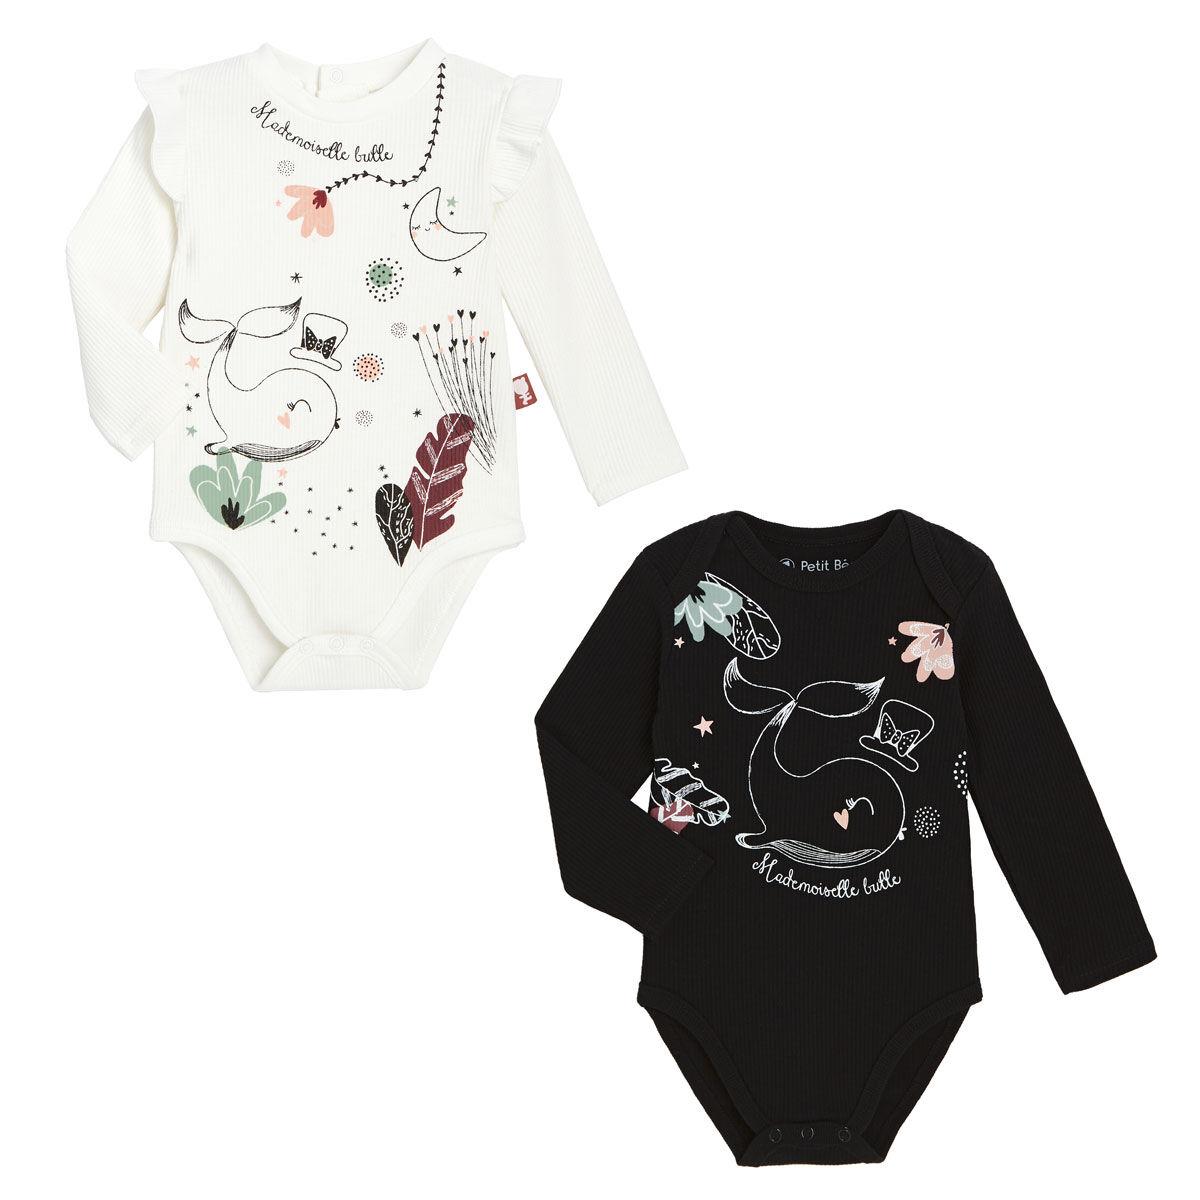 Petit Béguin Lot de 2 bodies bébé fille manches longues Bulle - Taille - 6 mois